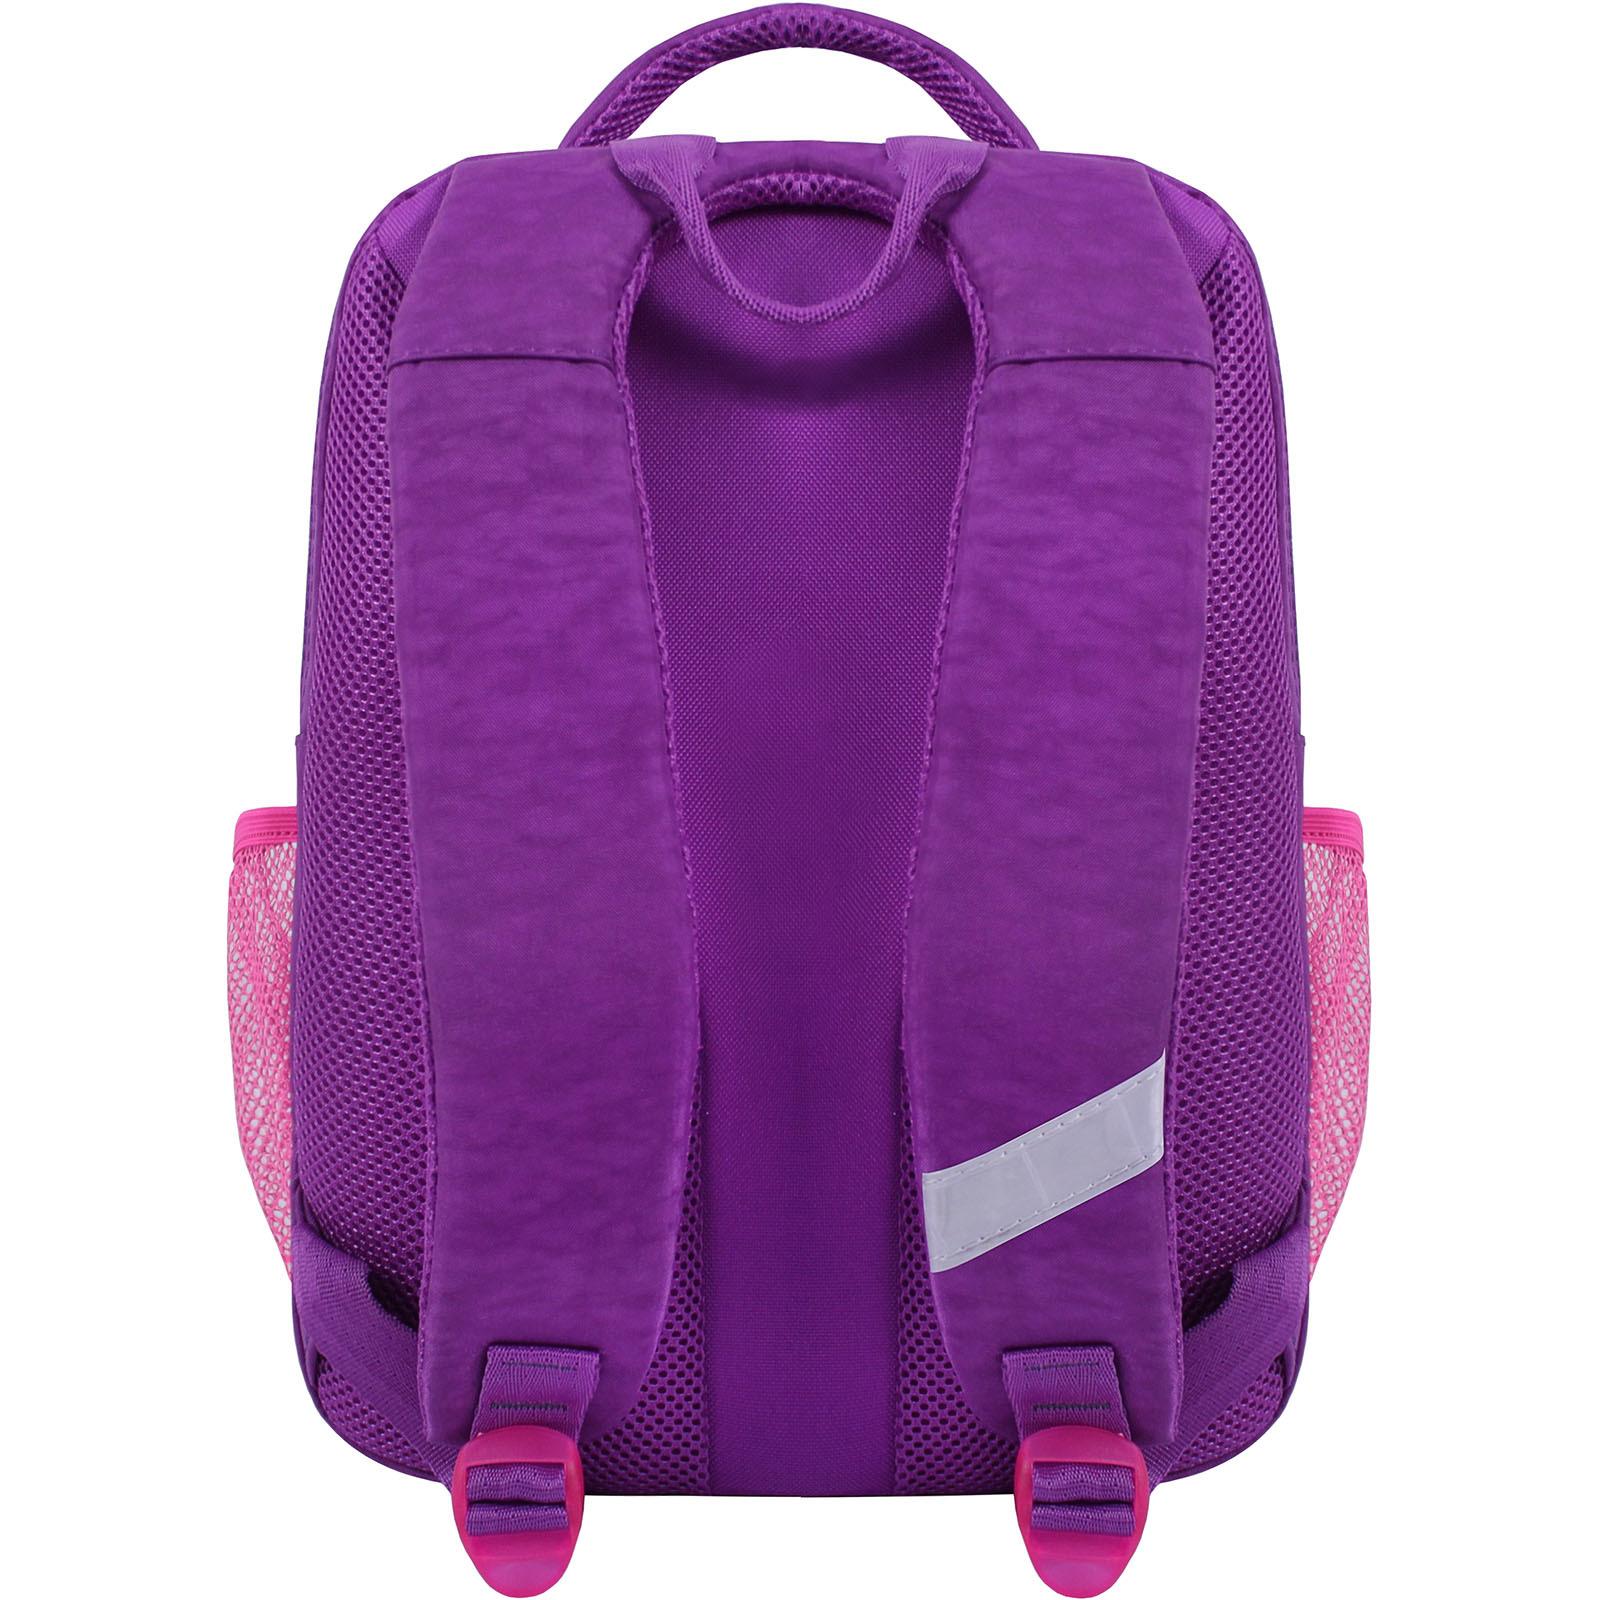 Рюкзак школьный Bagland Школьник 8 л. фиолетовый 502 (0012870) фото 3